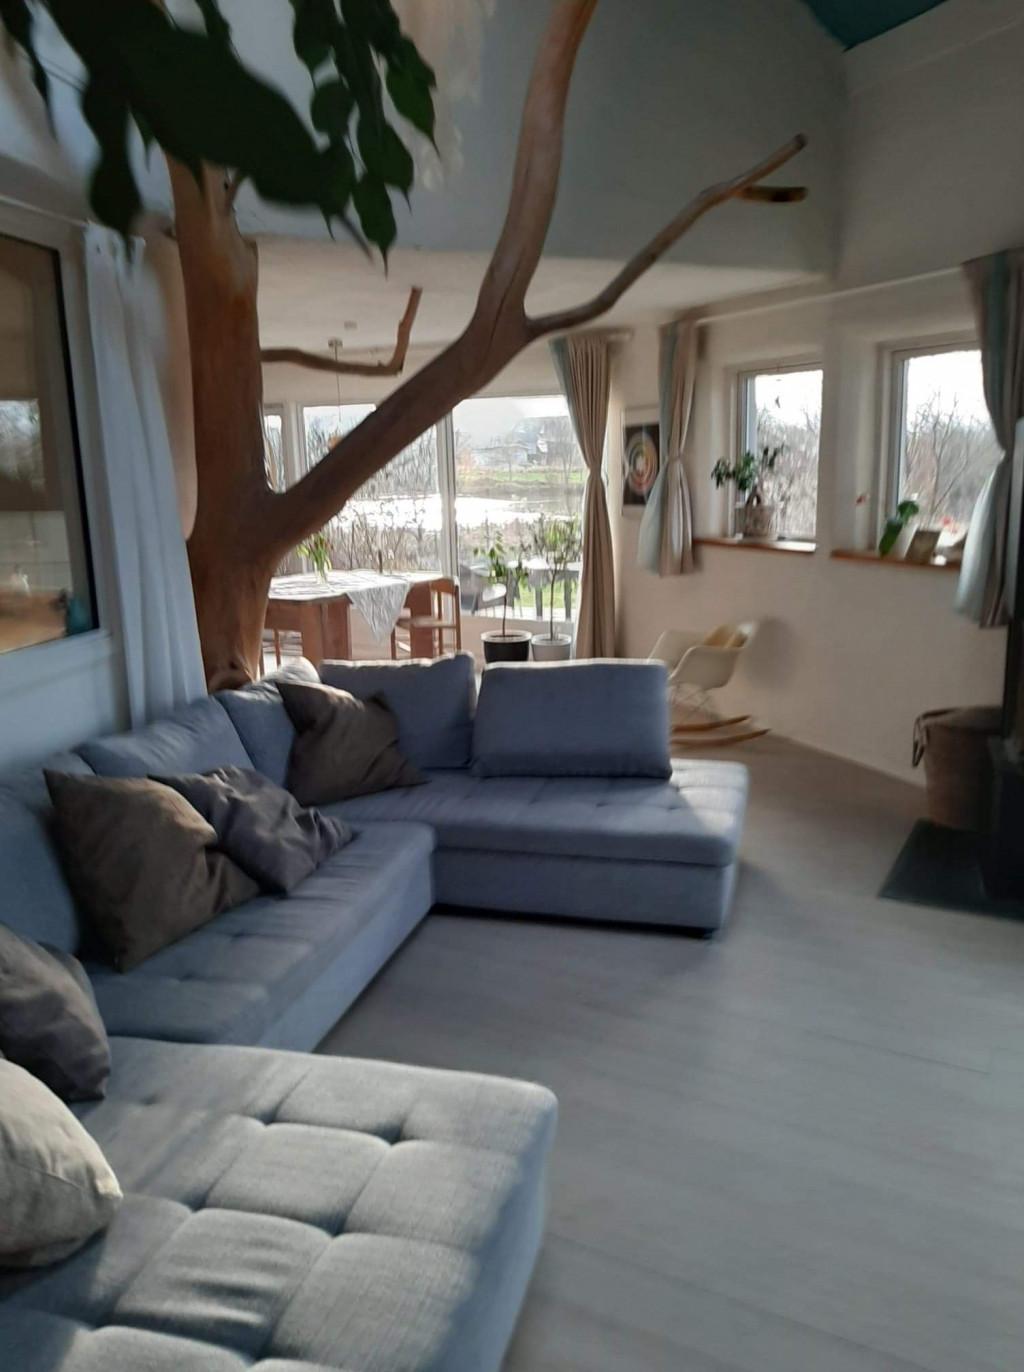 Unik villa til salg i Økolandsbyen Hallingelille - husfoto_5_10a1d68b94818efbb6d228835e04d642